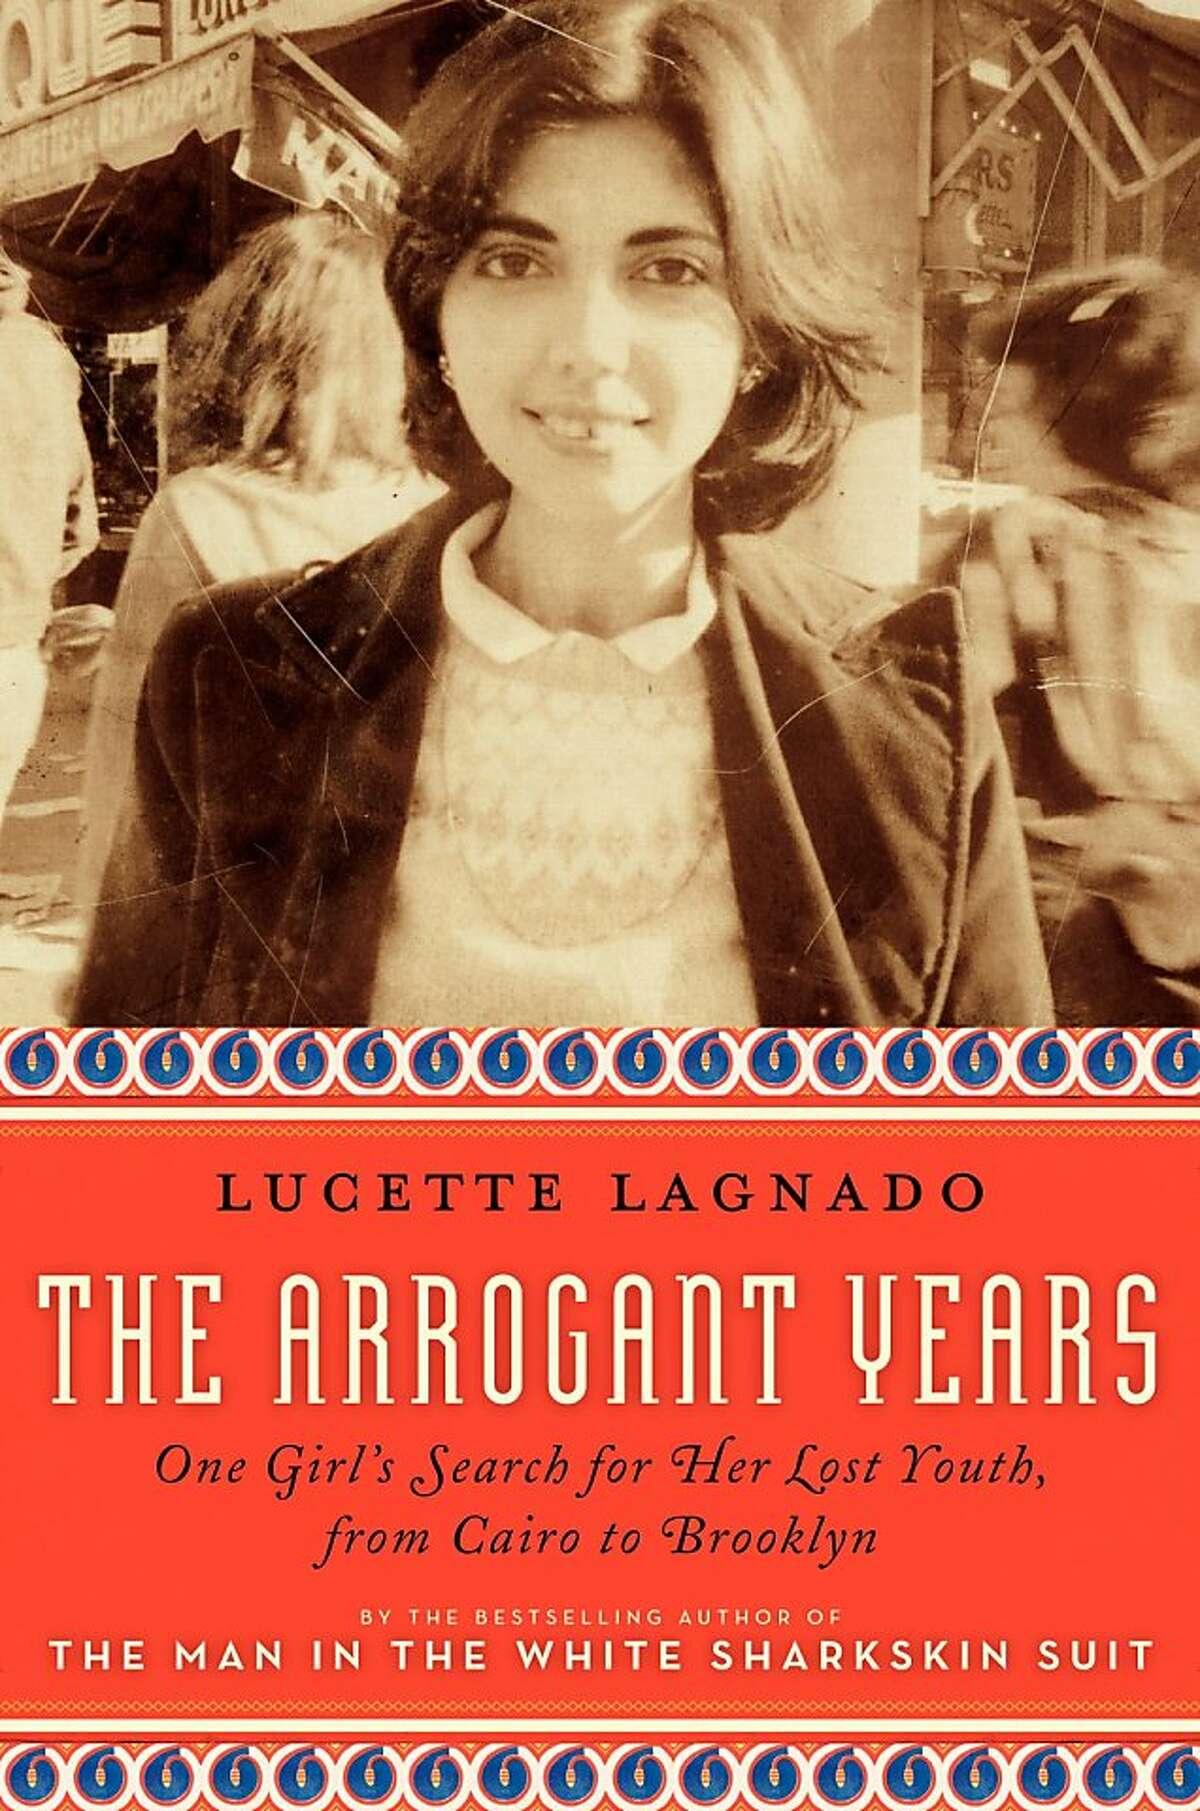 Lucette Lagnado's